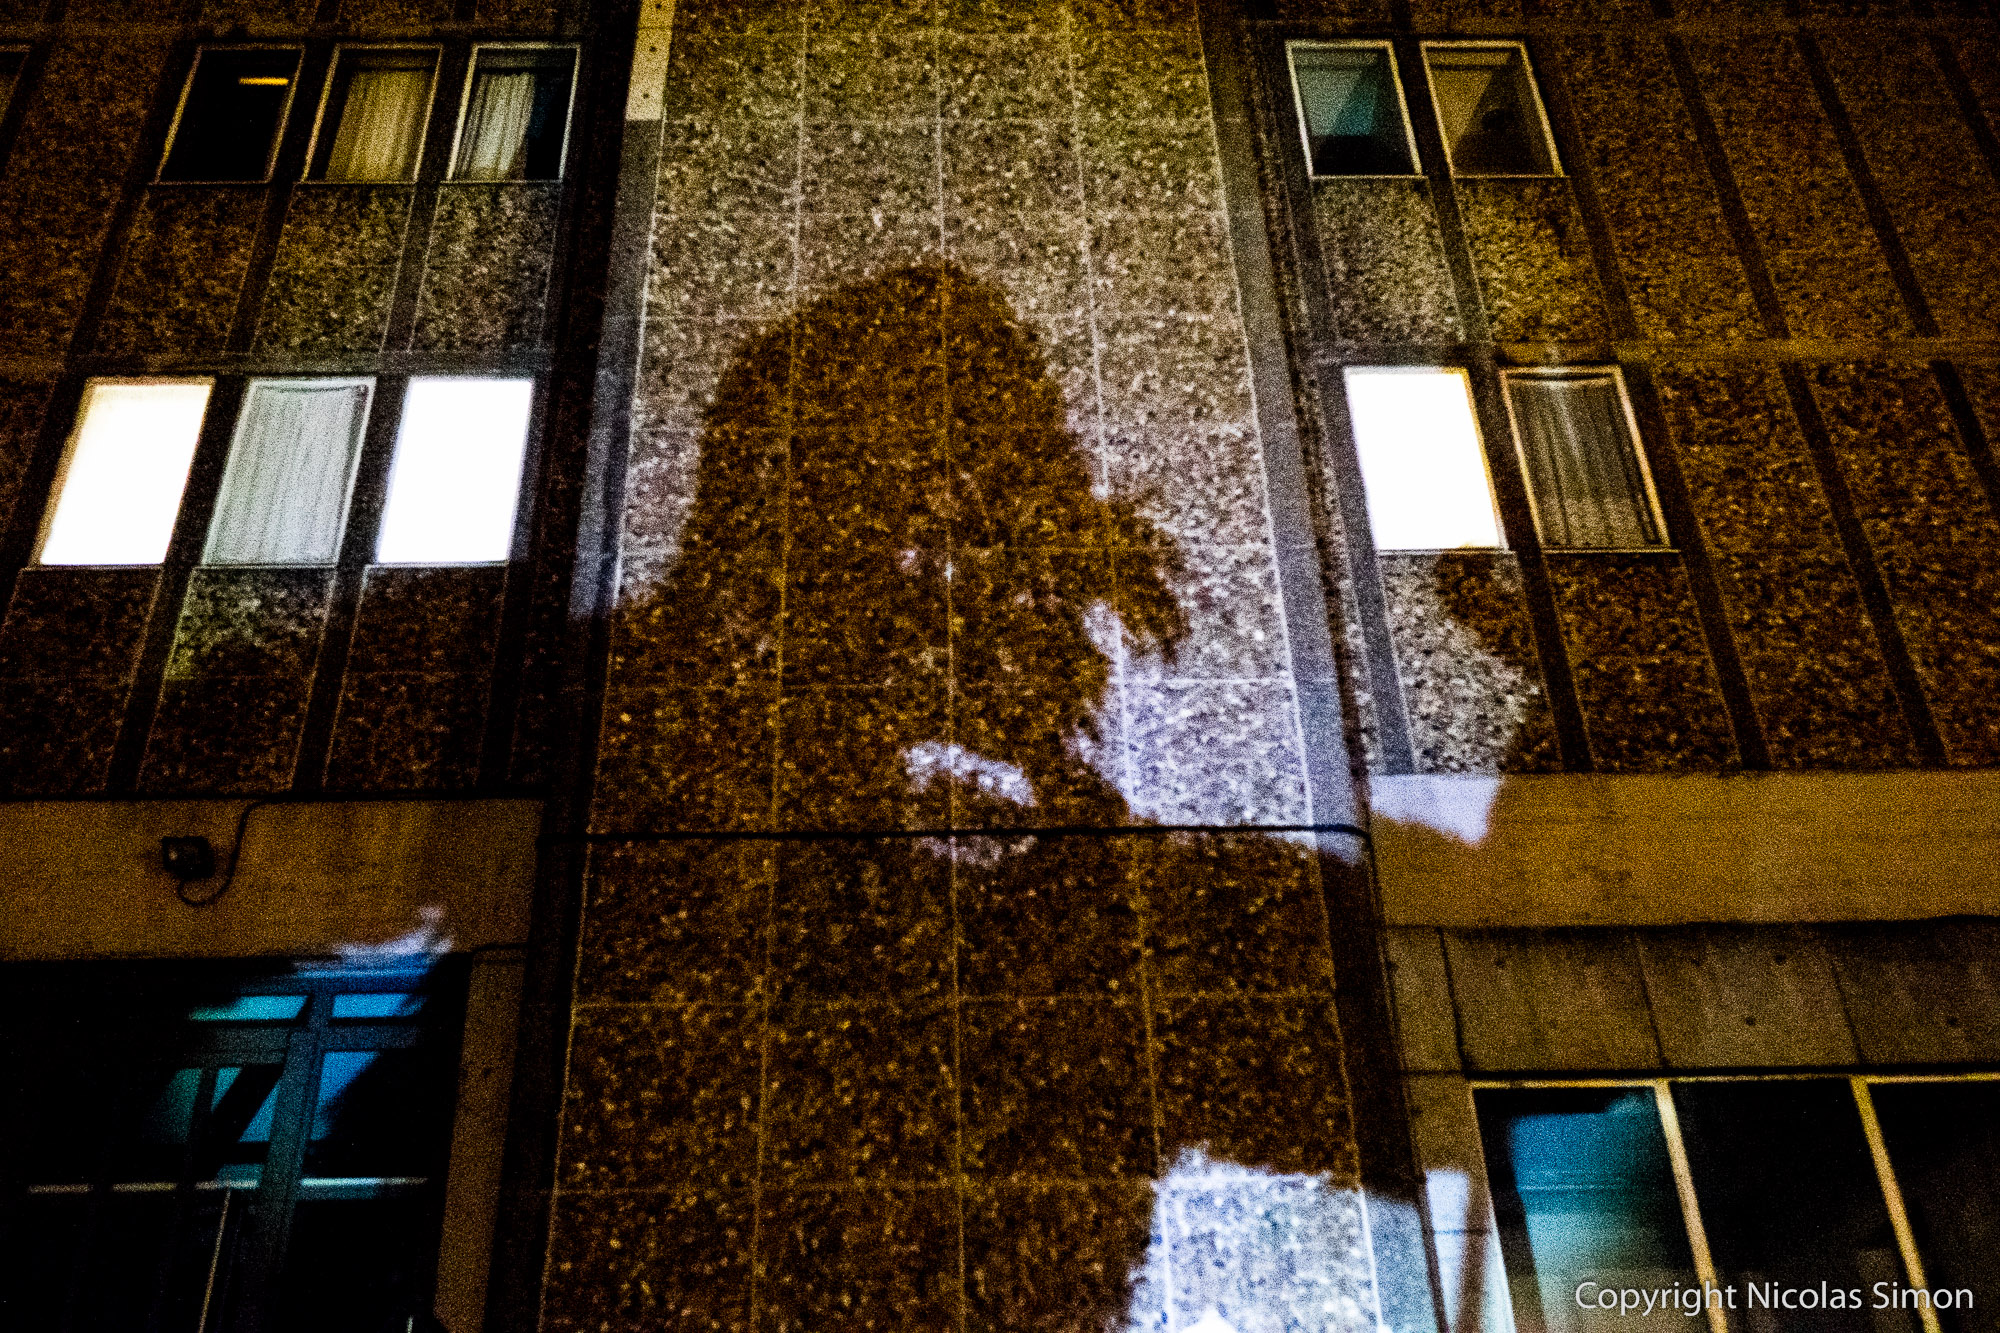 ombres-geantes-animalia_022-01609